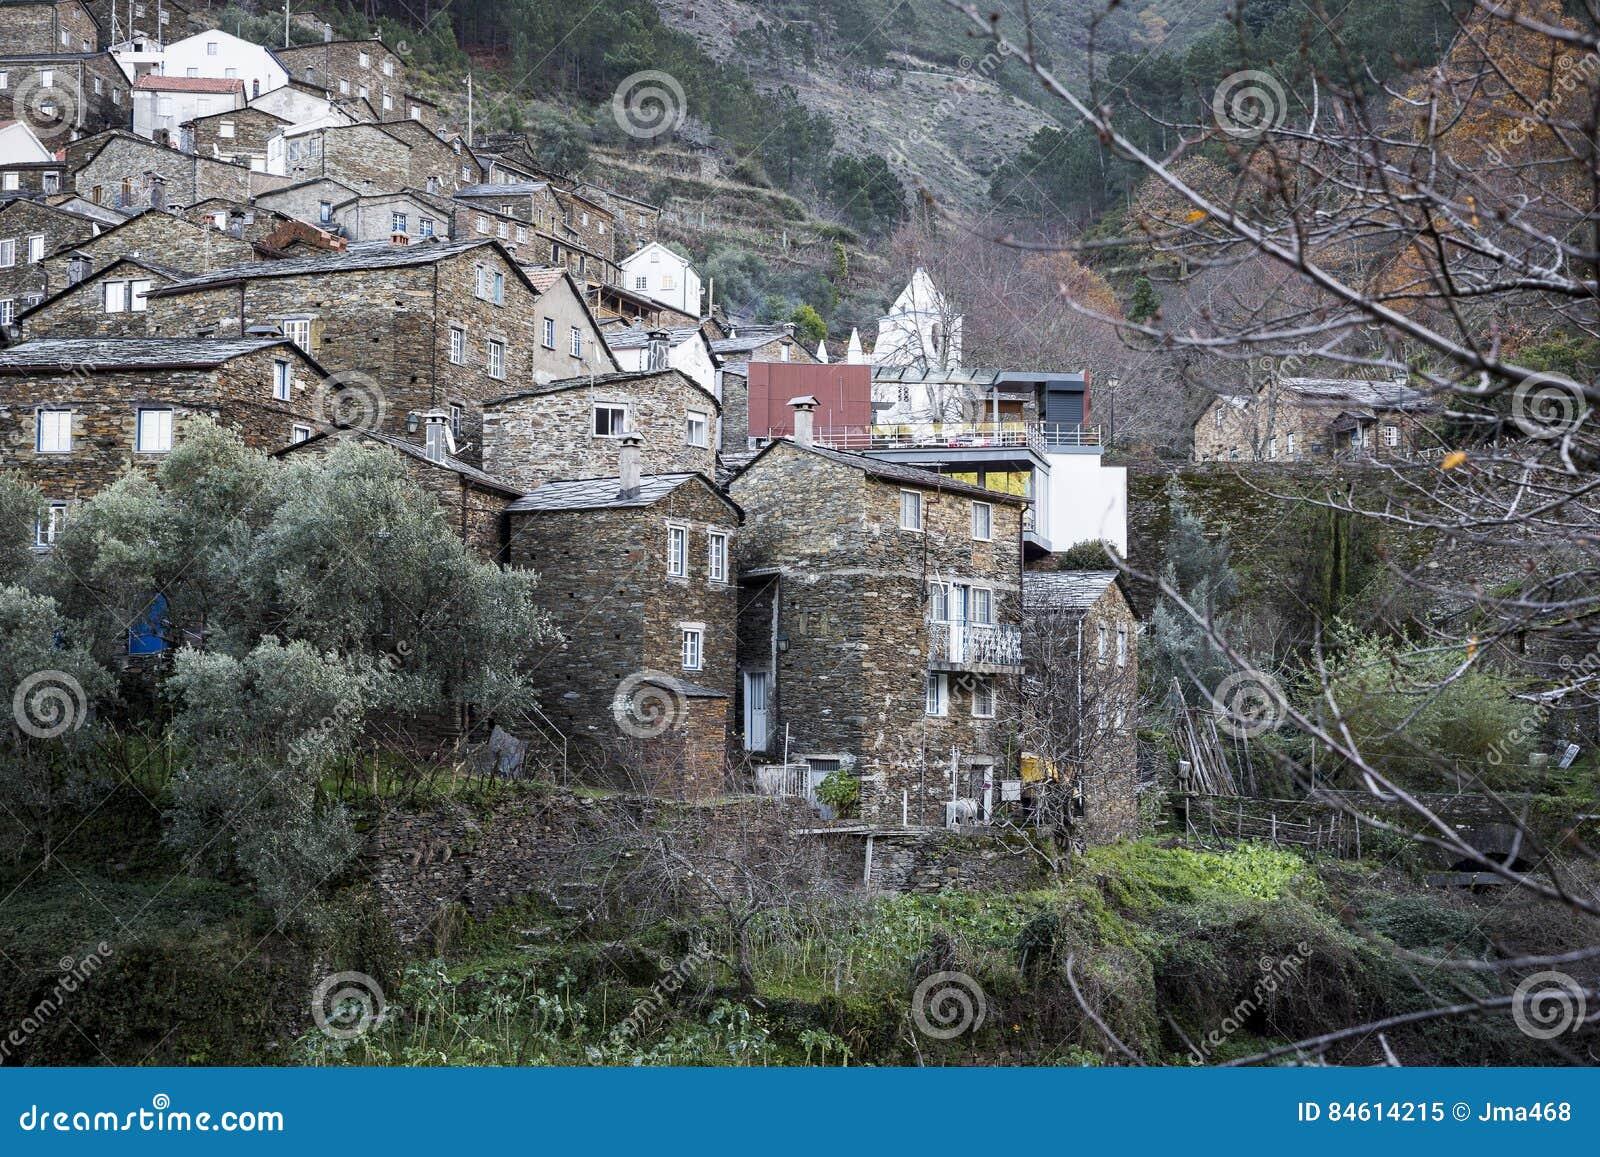 Case In Pietra Antiche : La pietra ha fatto le case antiche nel villaggio di piodão